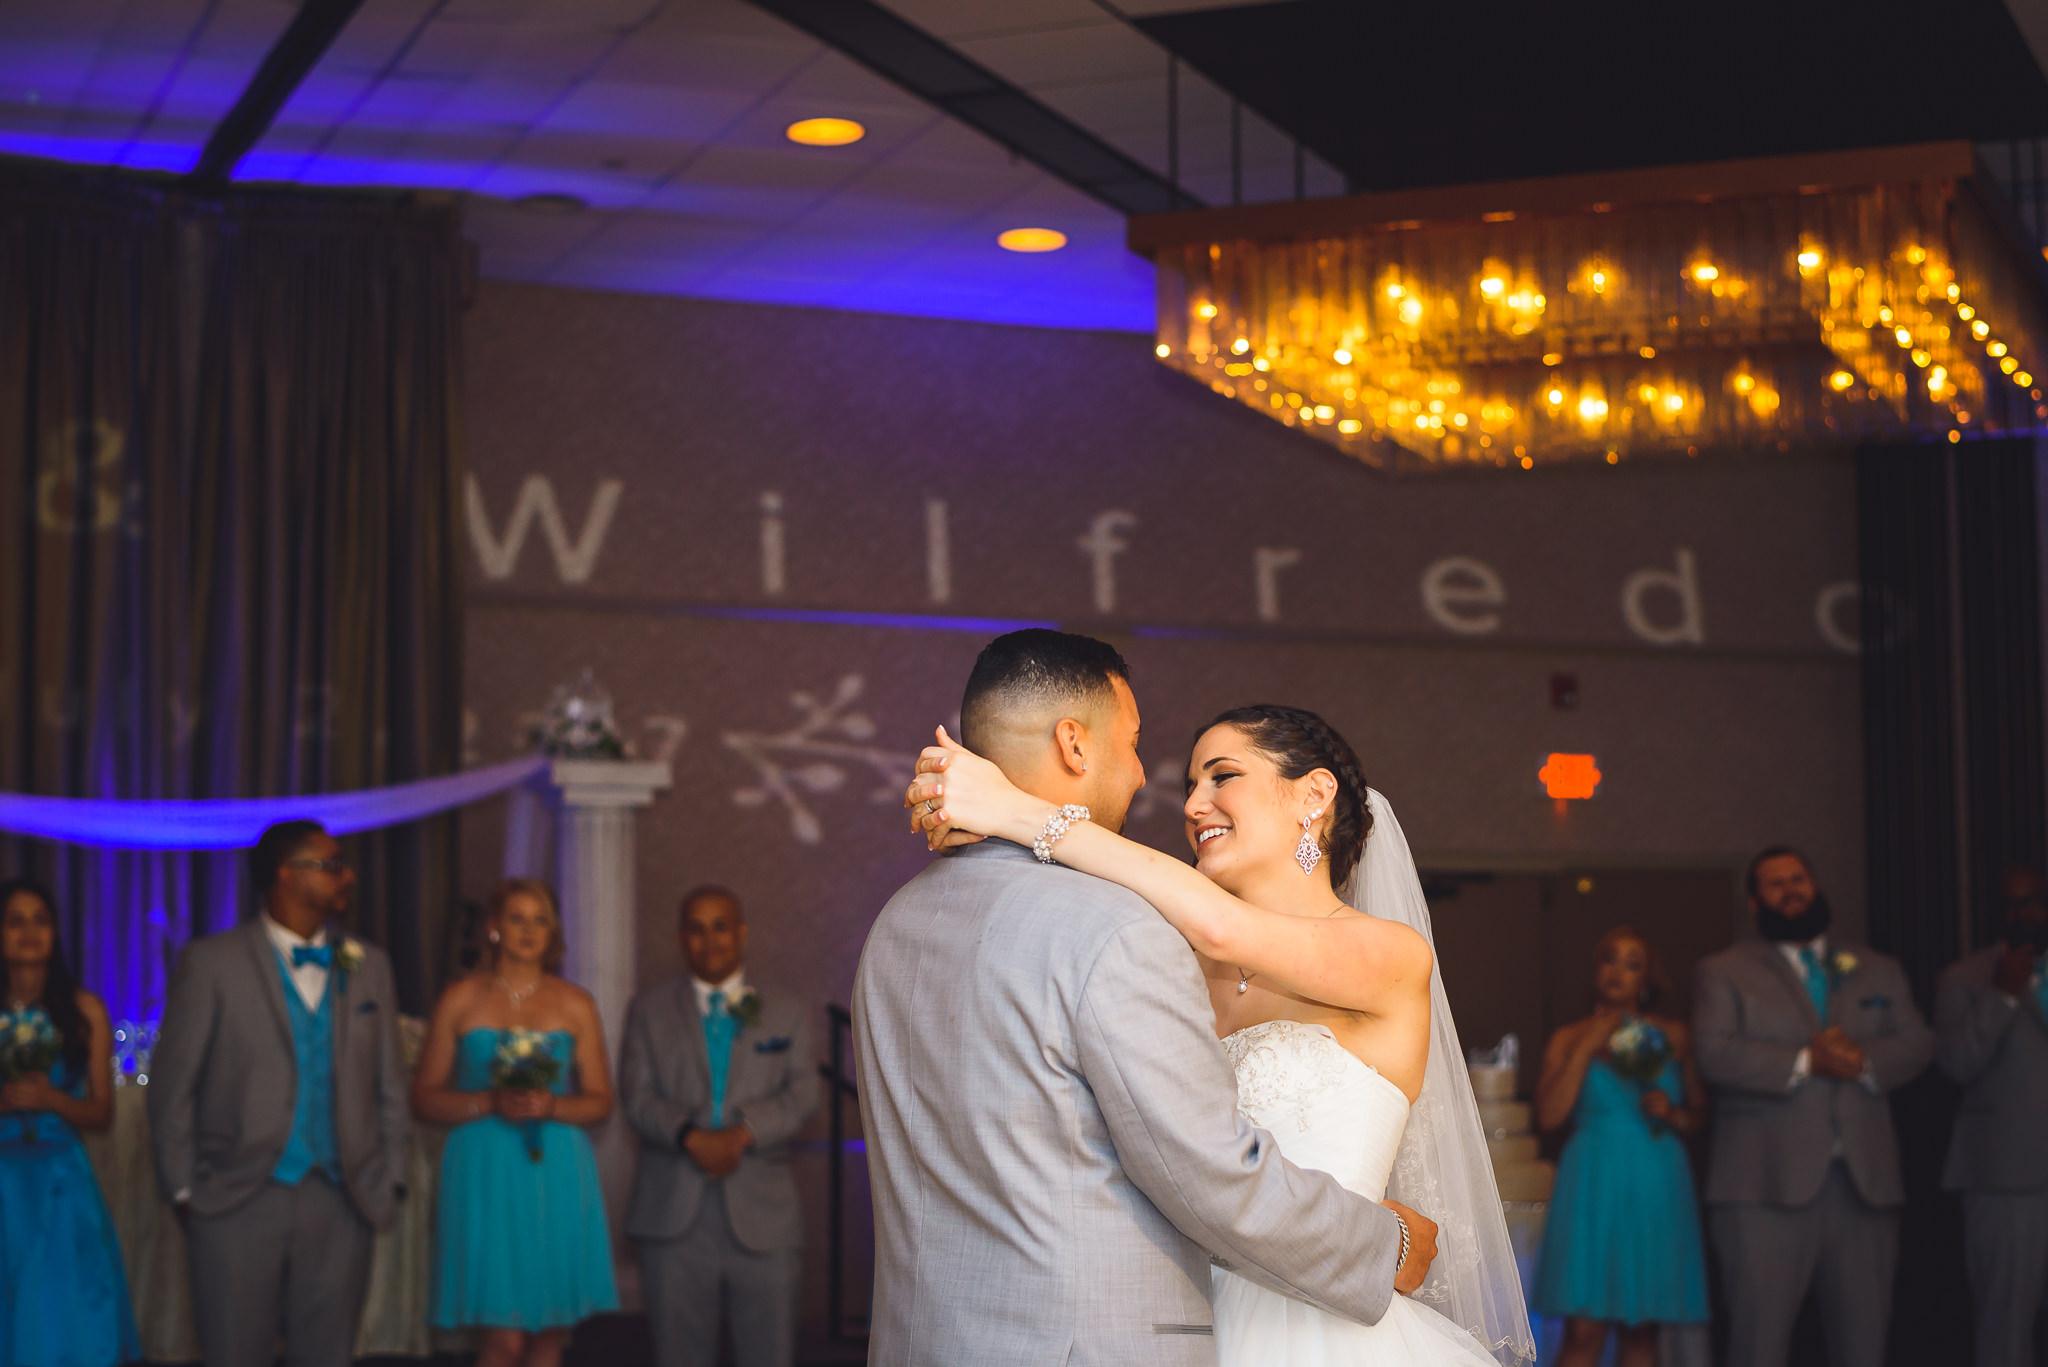 Megan-Will-Wedding-0025.jpg